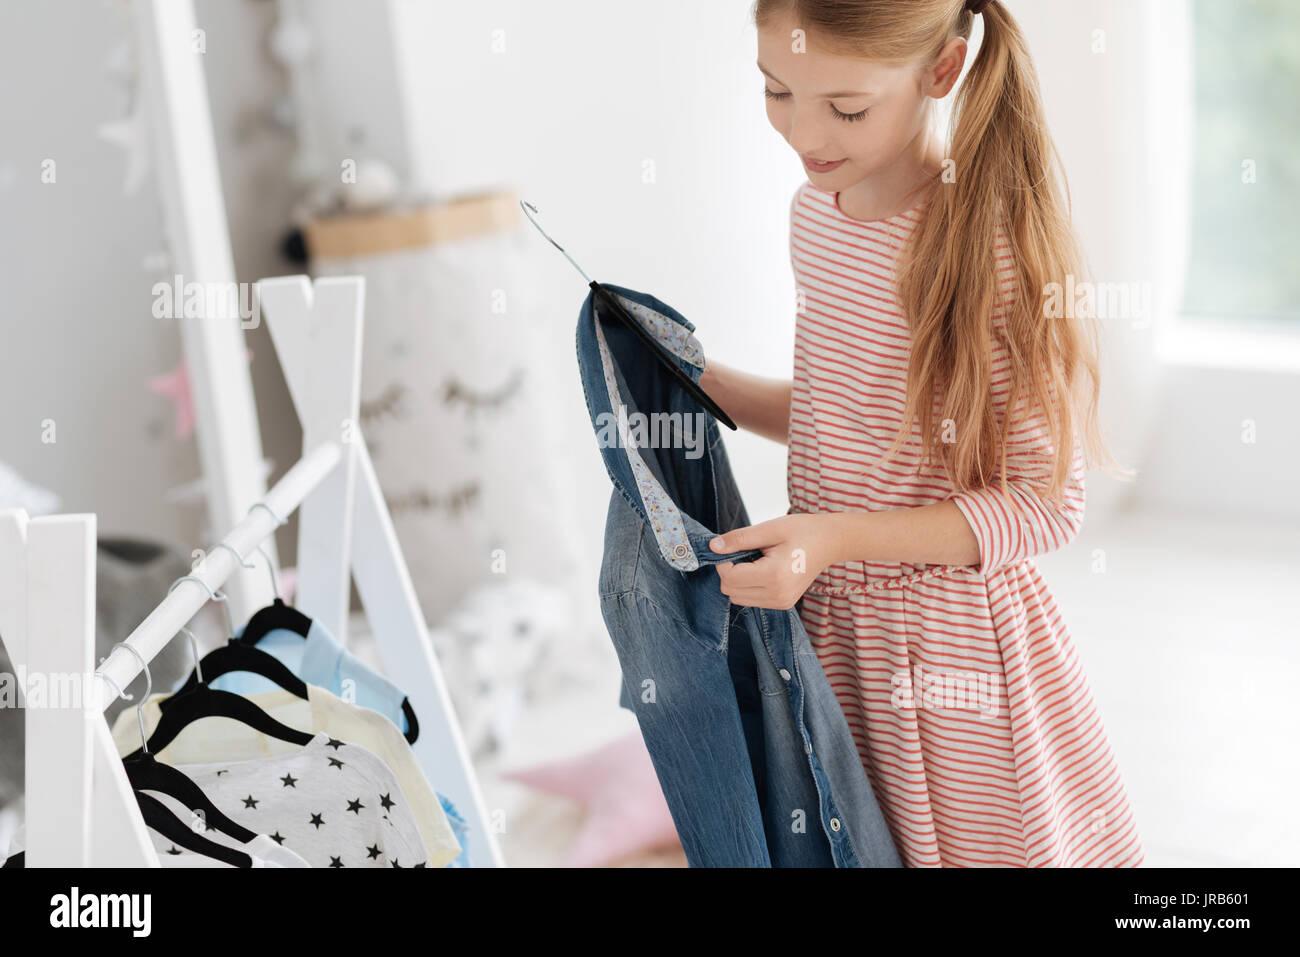 Señorita mirando denim shirt mientras que la elección de ropa Imagen De Stock